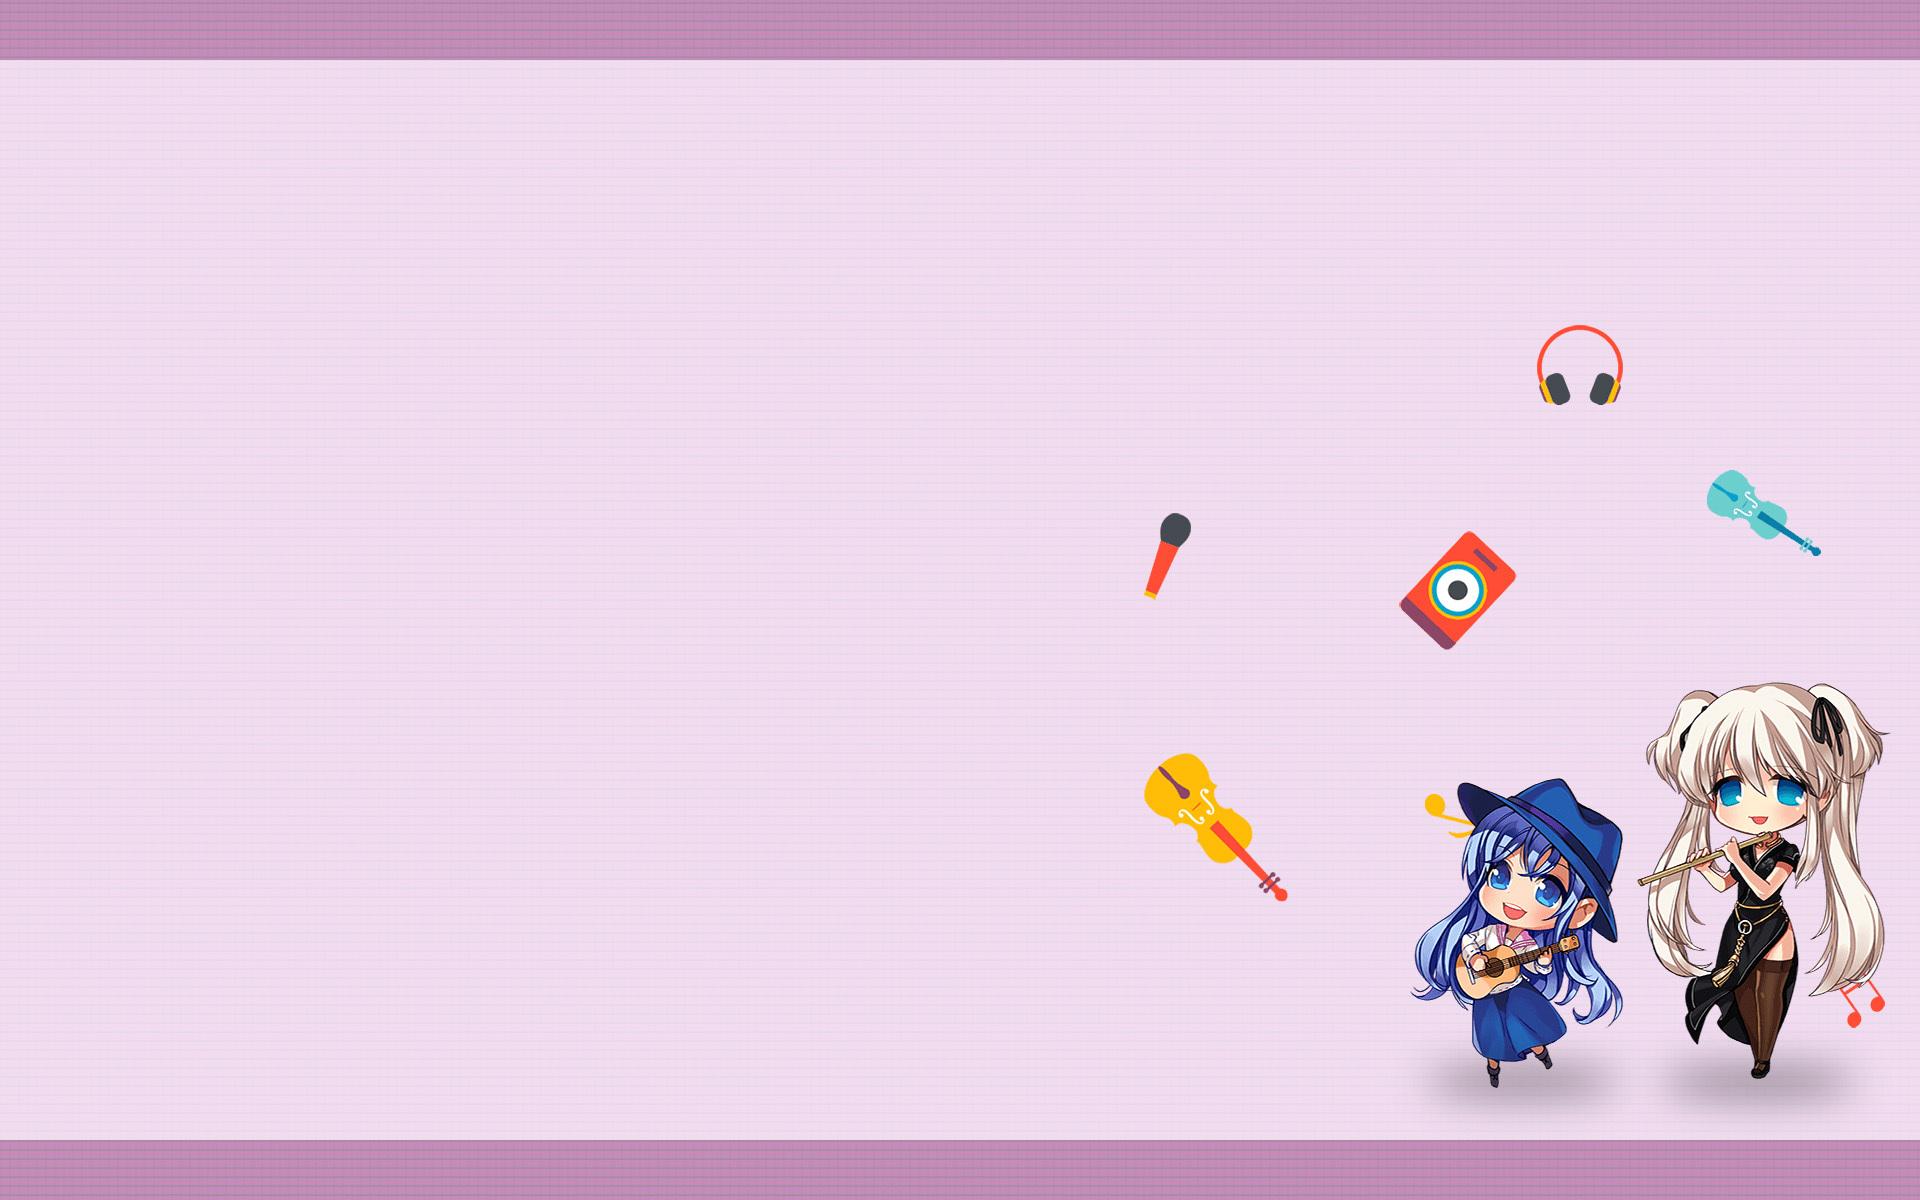 壁紙・シンプル4